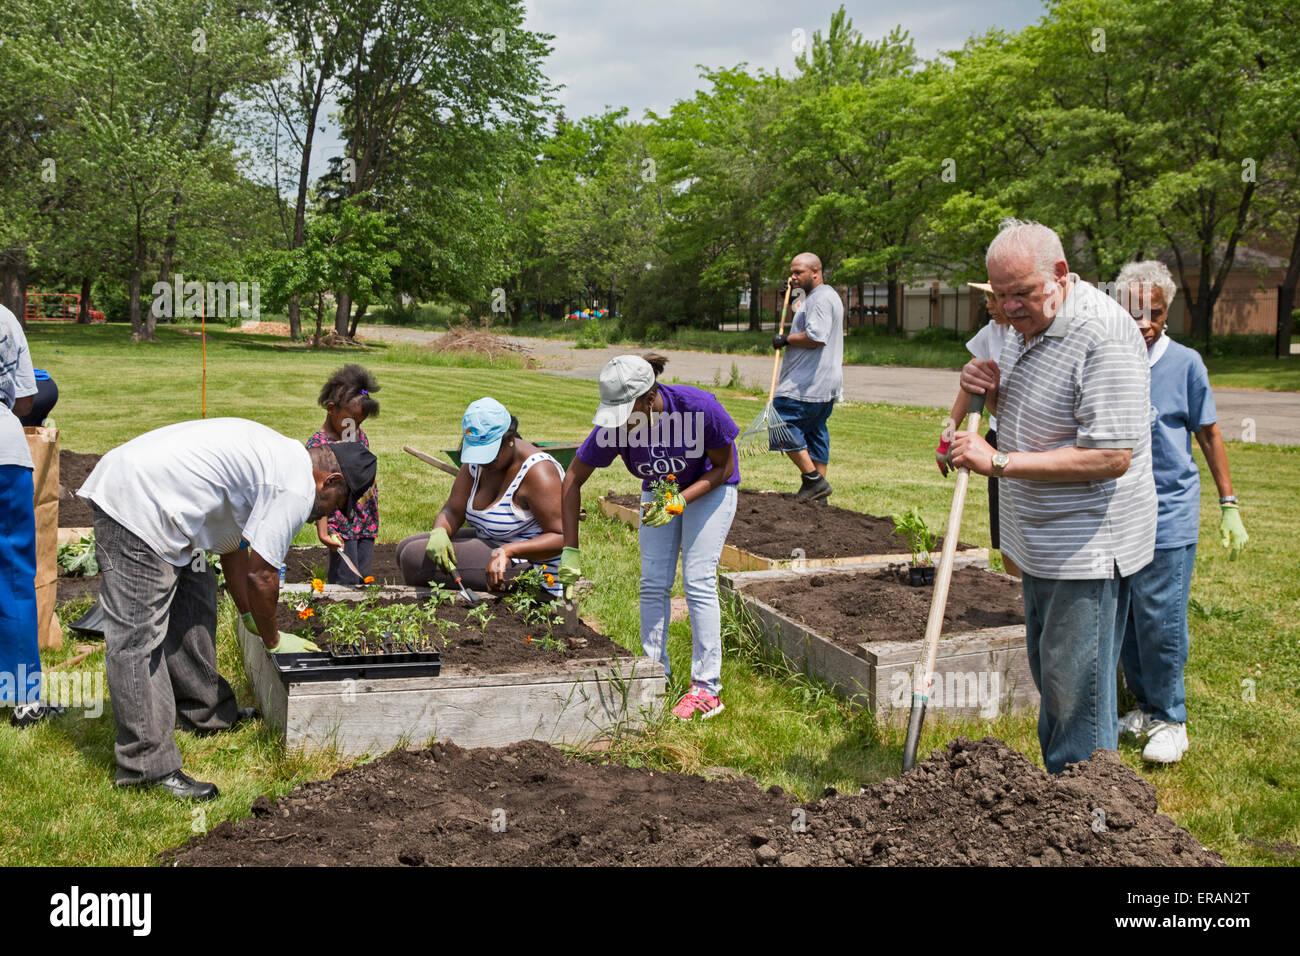 Detroit, Michigan - Los miembros de la Iglesia Presbiteriana de San Juan plantar un jardín comunitario. Imagen De Stock